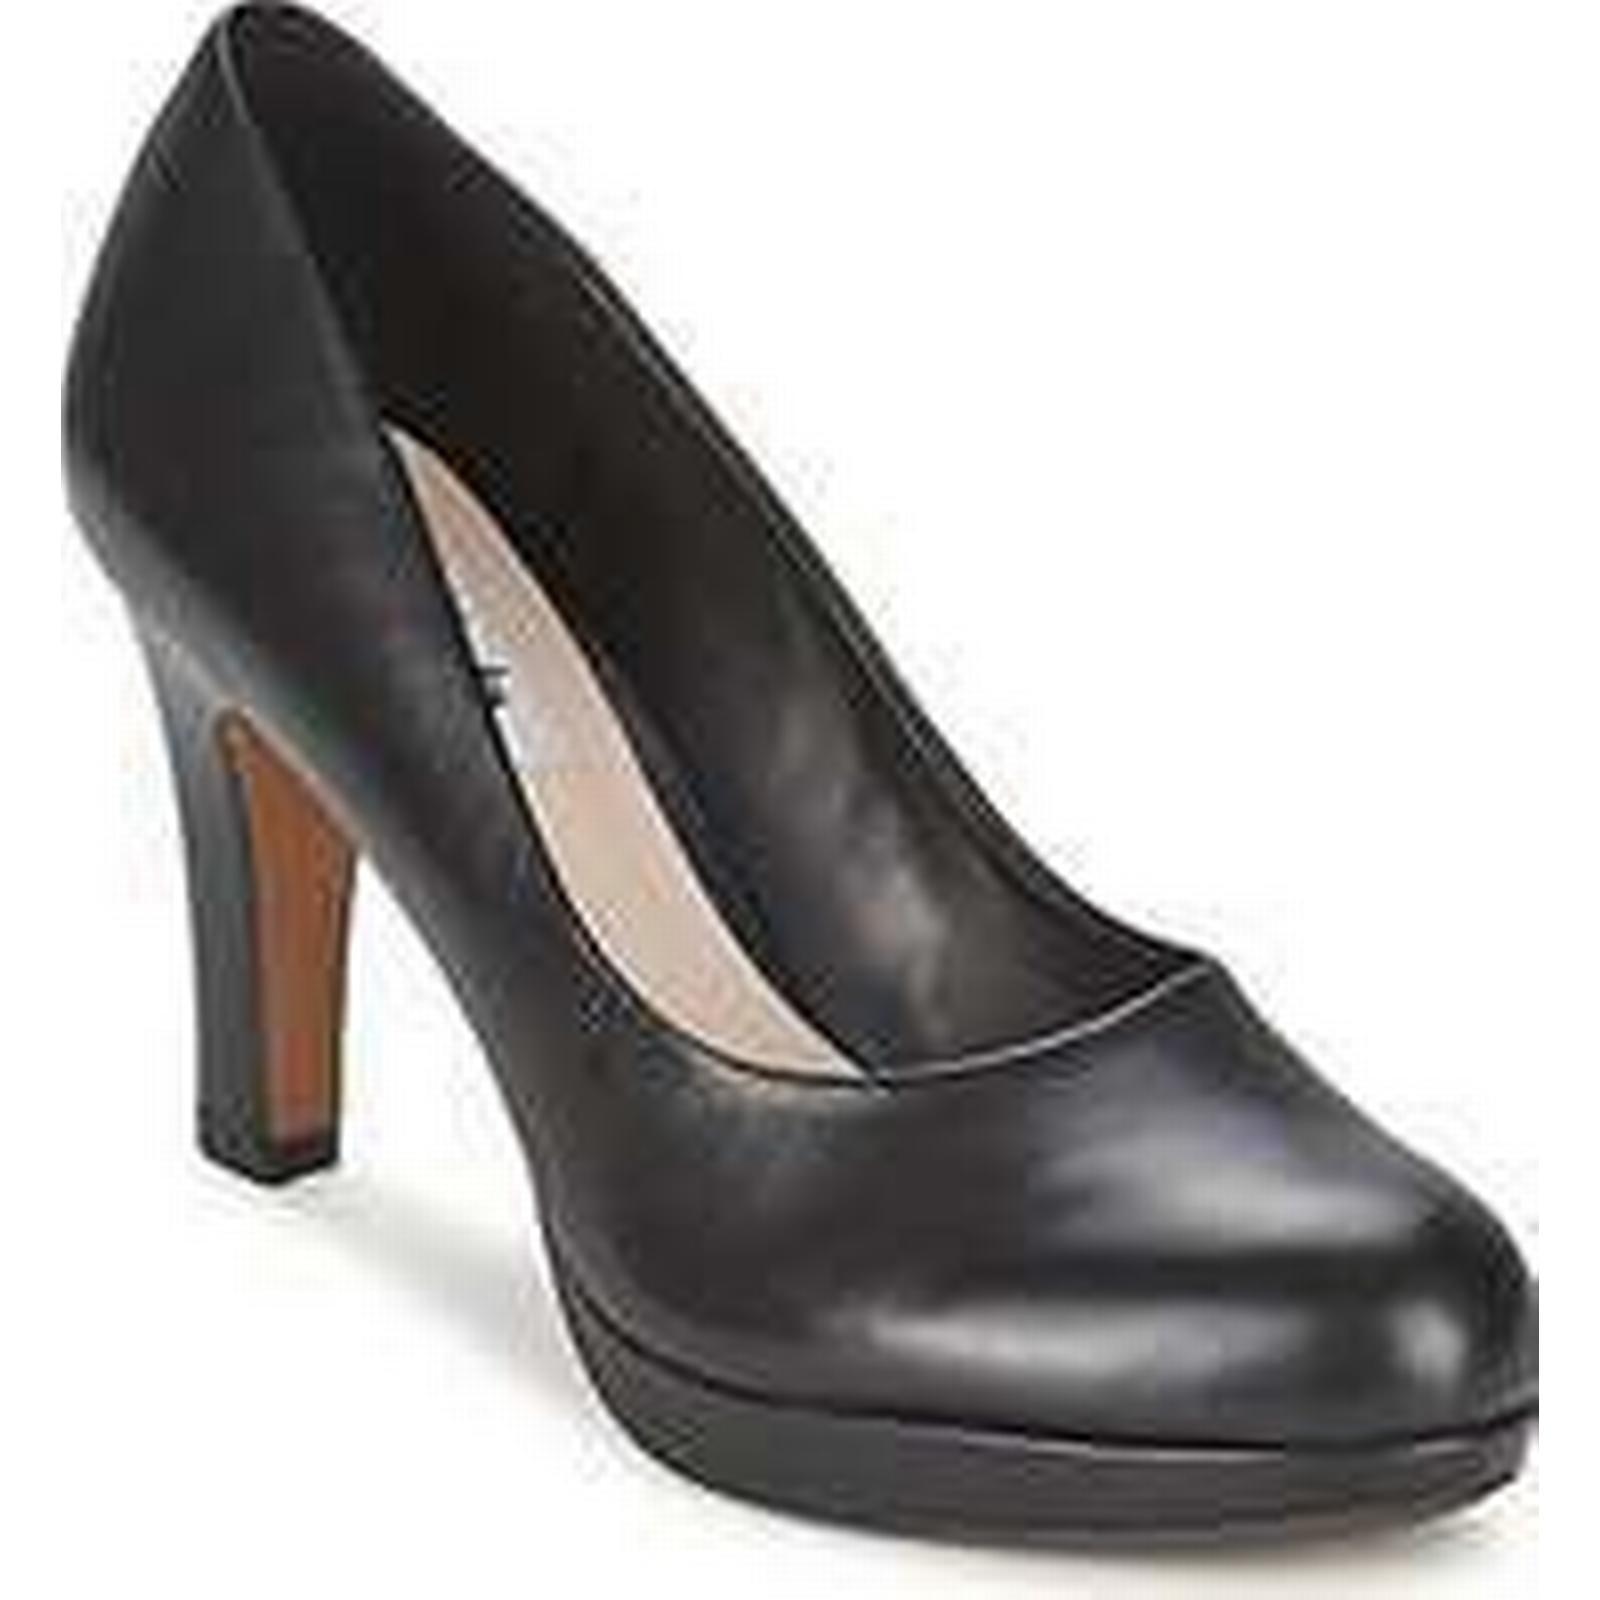 Spartoo.co.uk Clarks CRISP in KENDRA women's Court Shoes in CRISP Black dca915